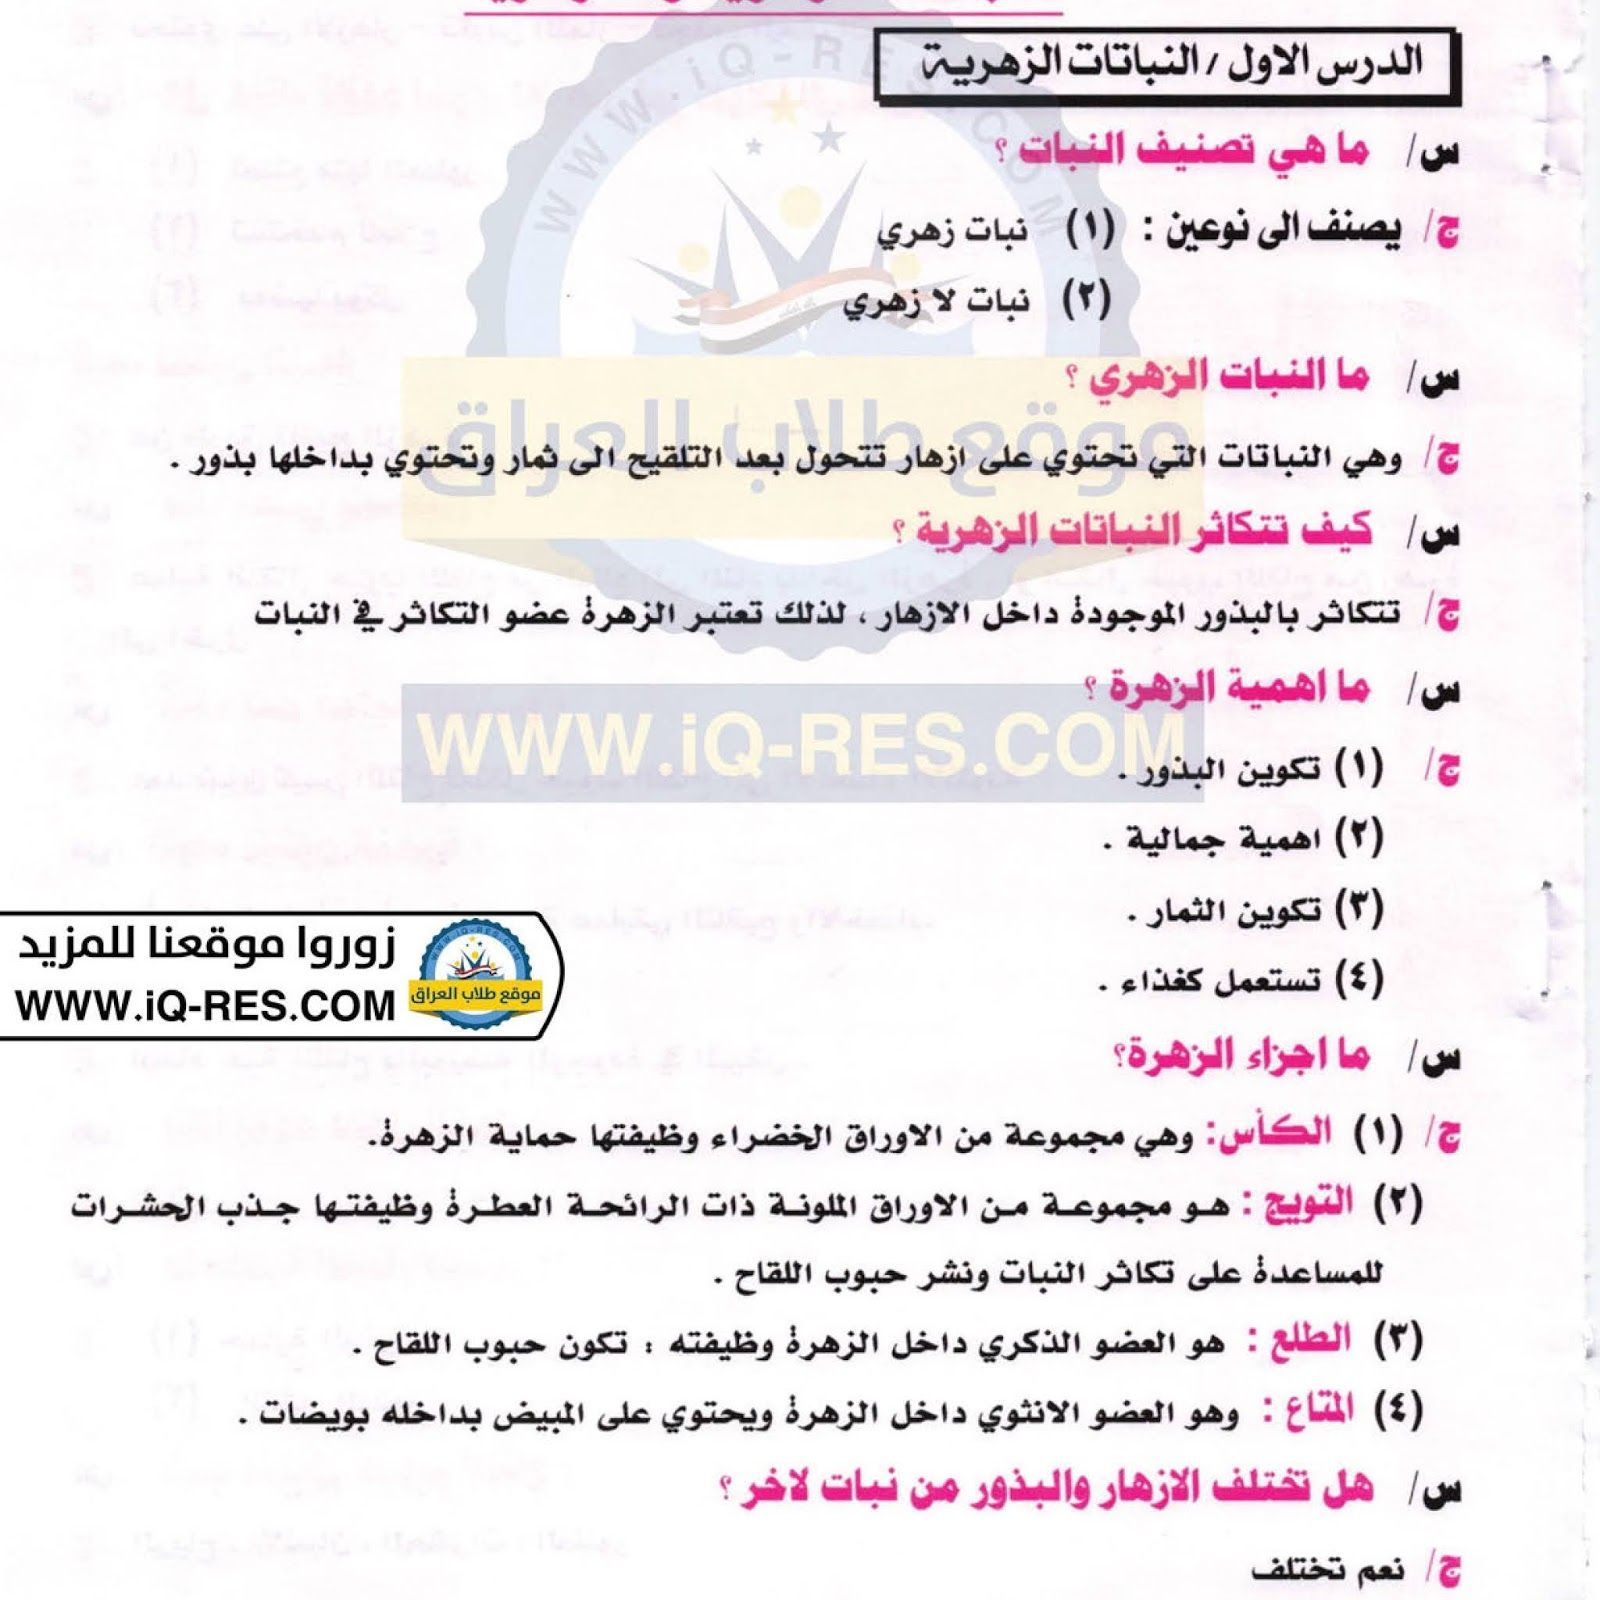 اهلا بكم متابعي موقع وقناة الاستاذ احمد مهدي شلال في هذا الموضوع سنعرض لكم شرح كامل